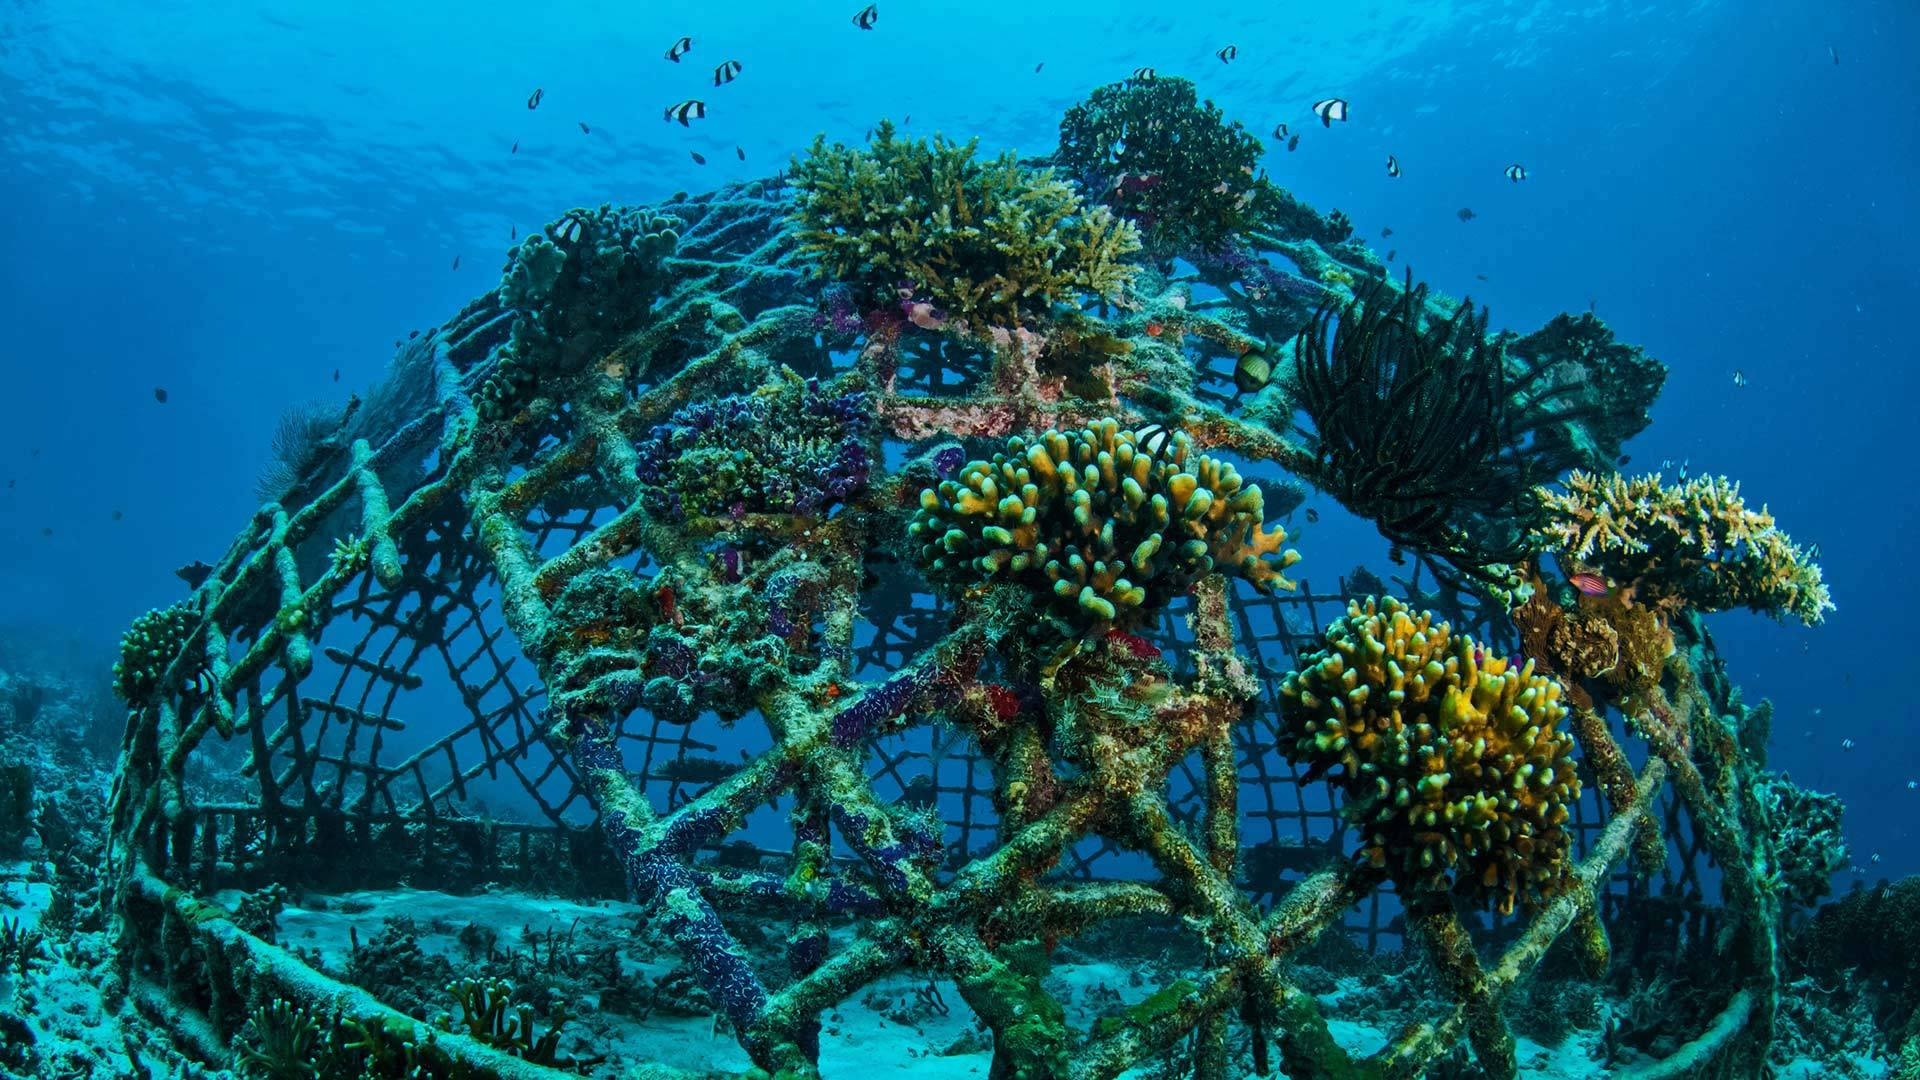 吉利群岛上生长着珊瑚的人工珊瑚礁